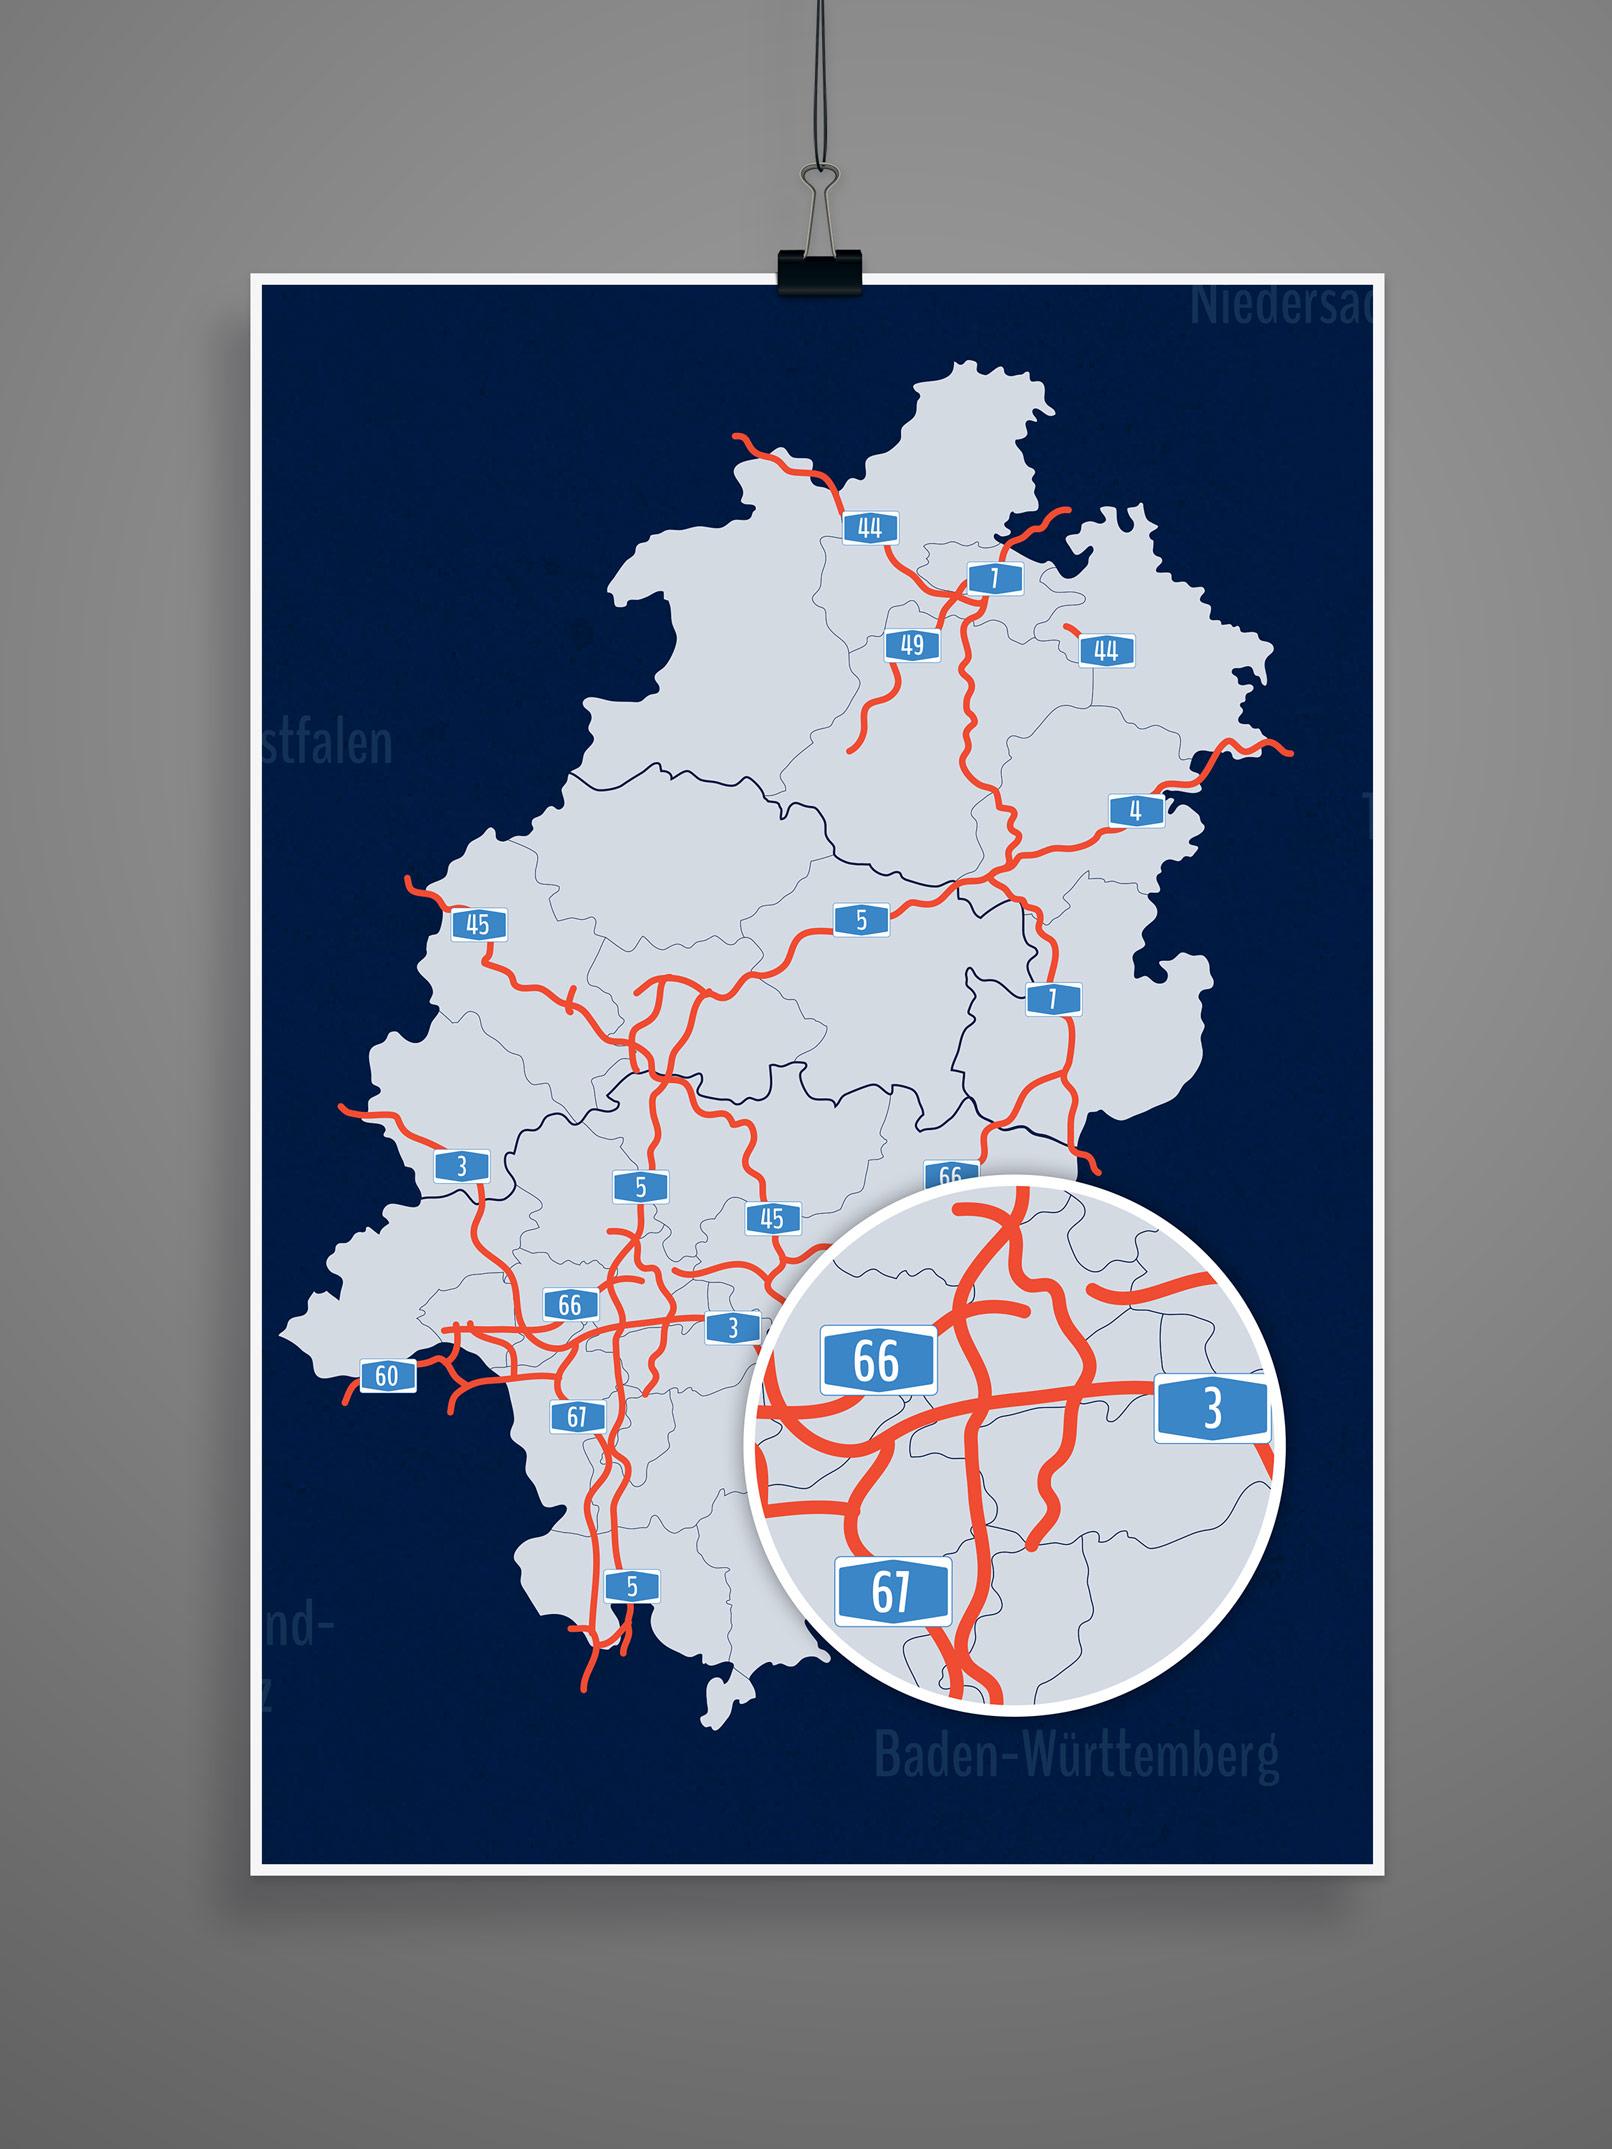 Landkarte von Hessen mit allen Landkreisen, kreisfreien Städten, inklusive Autobahnen